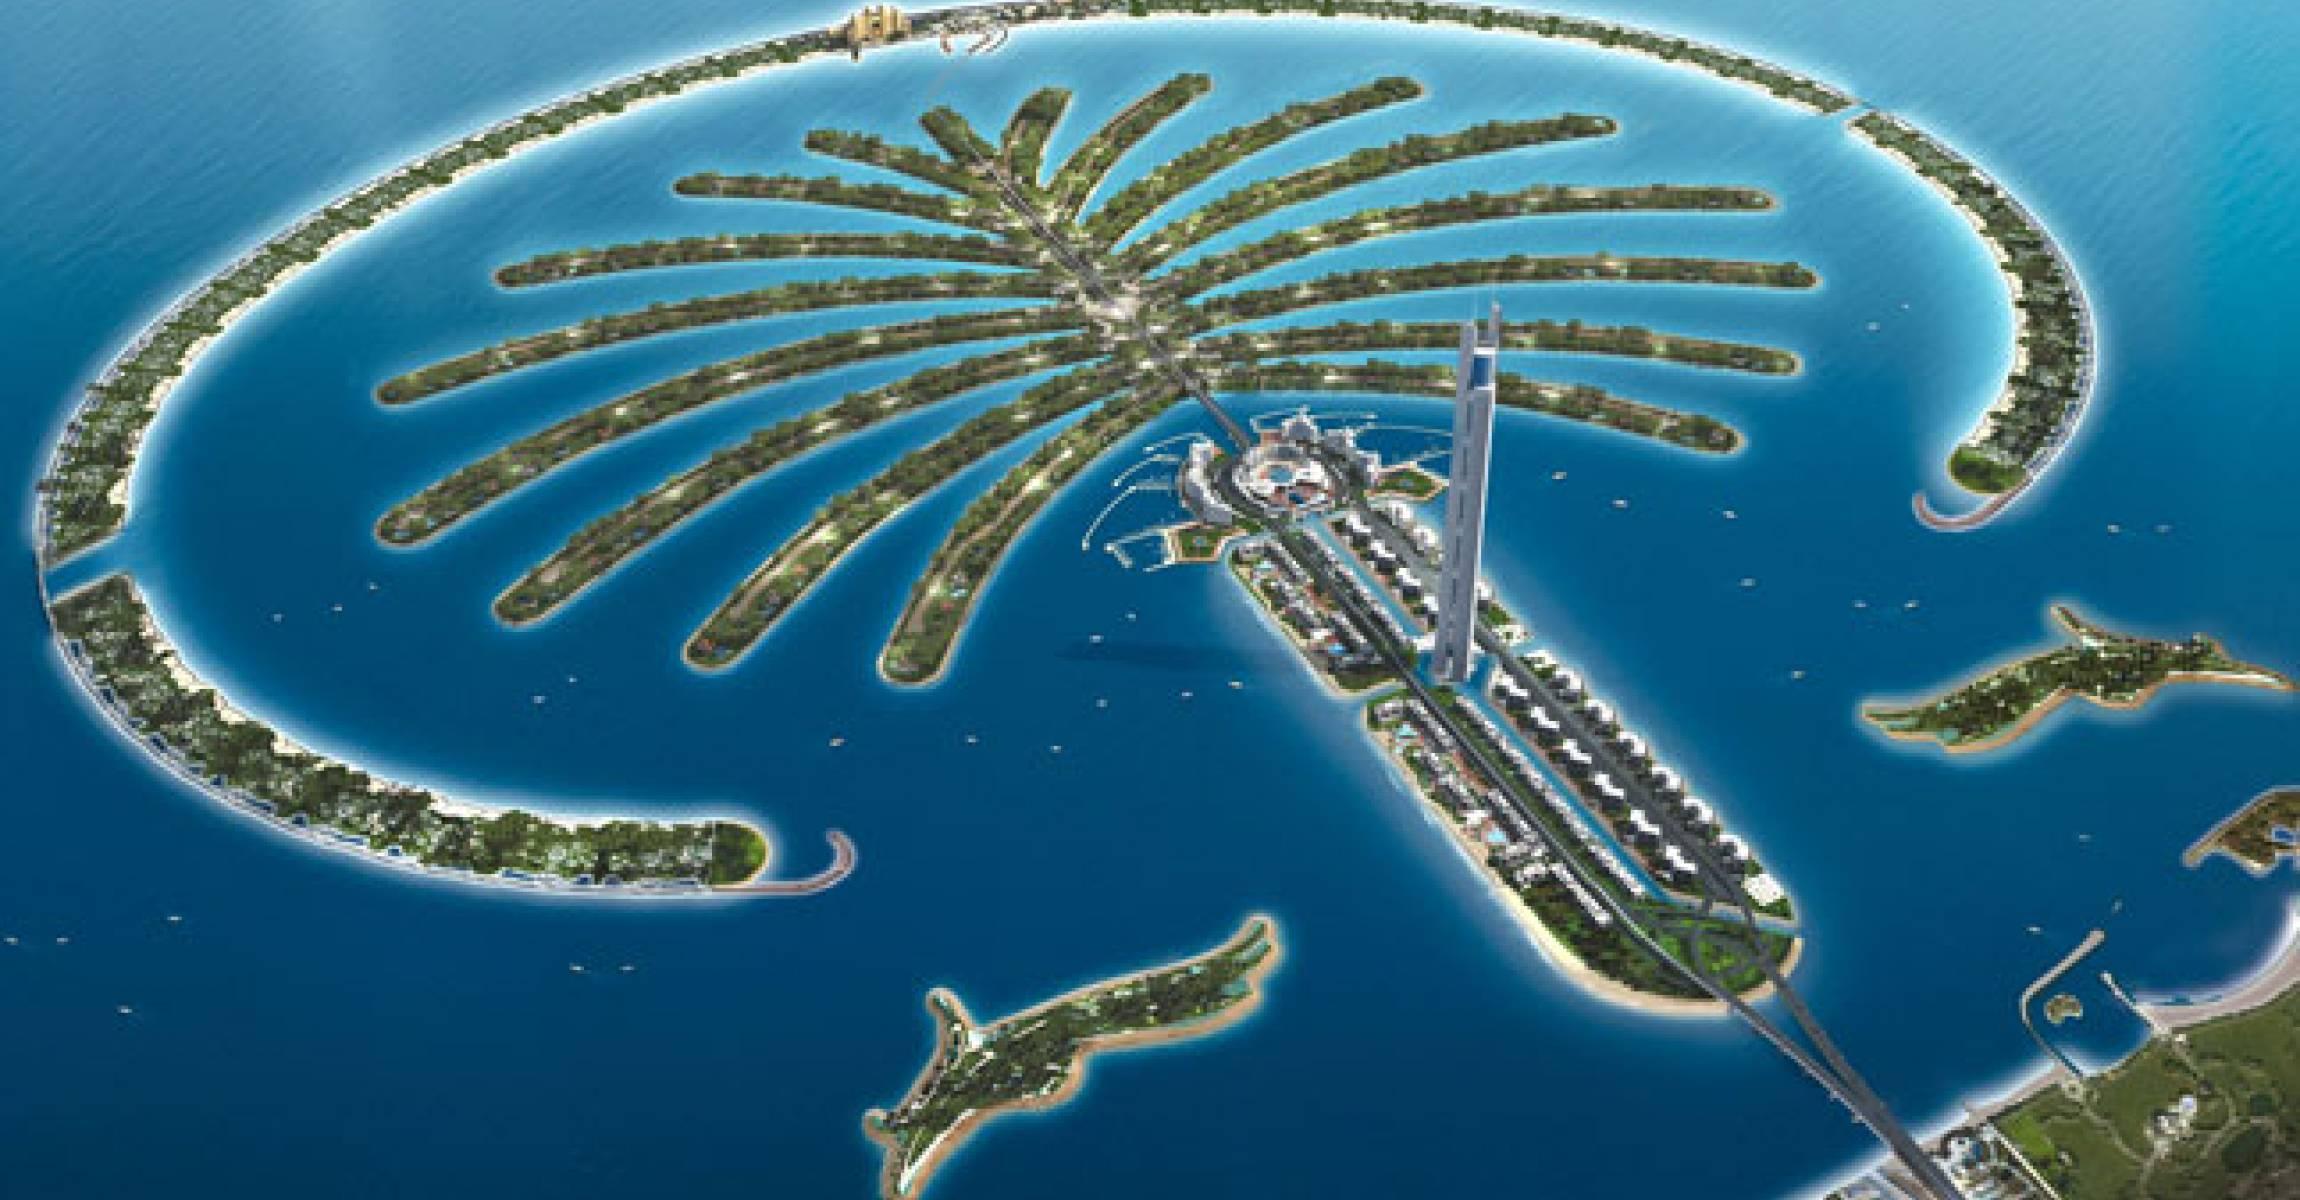 endroit endroit The Palm : l'endroit préféré des millionnaires 55ee9c60b379a palmjumeirah cnt 22mar10 rex 646